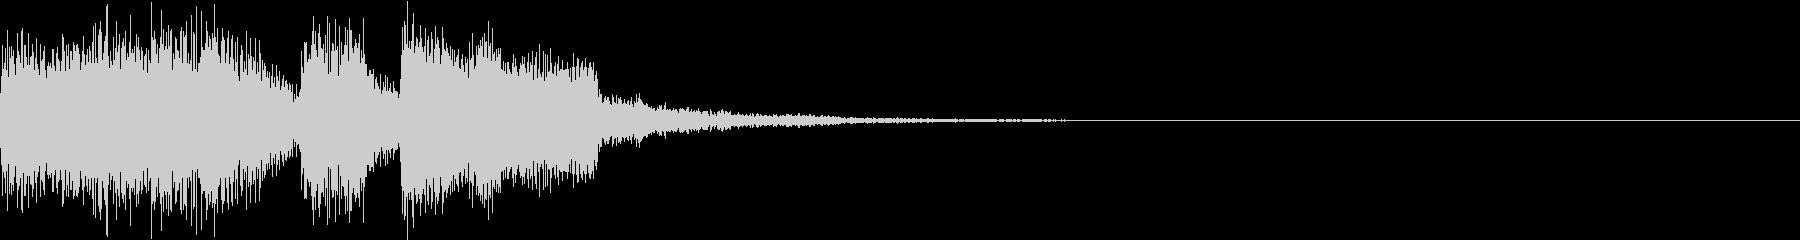 ファンファーレ アイテム レベルアップBの未再生の波形